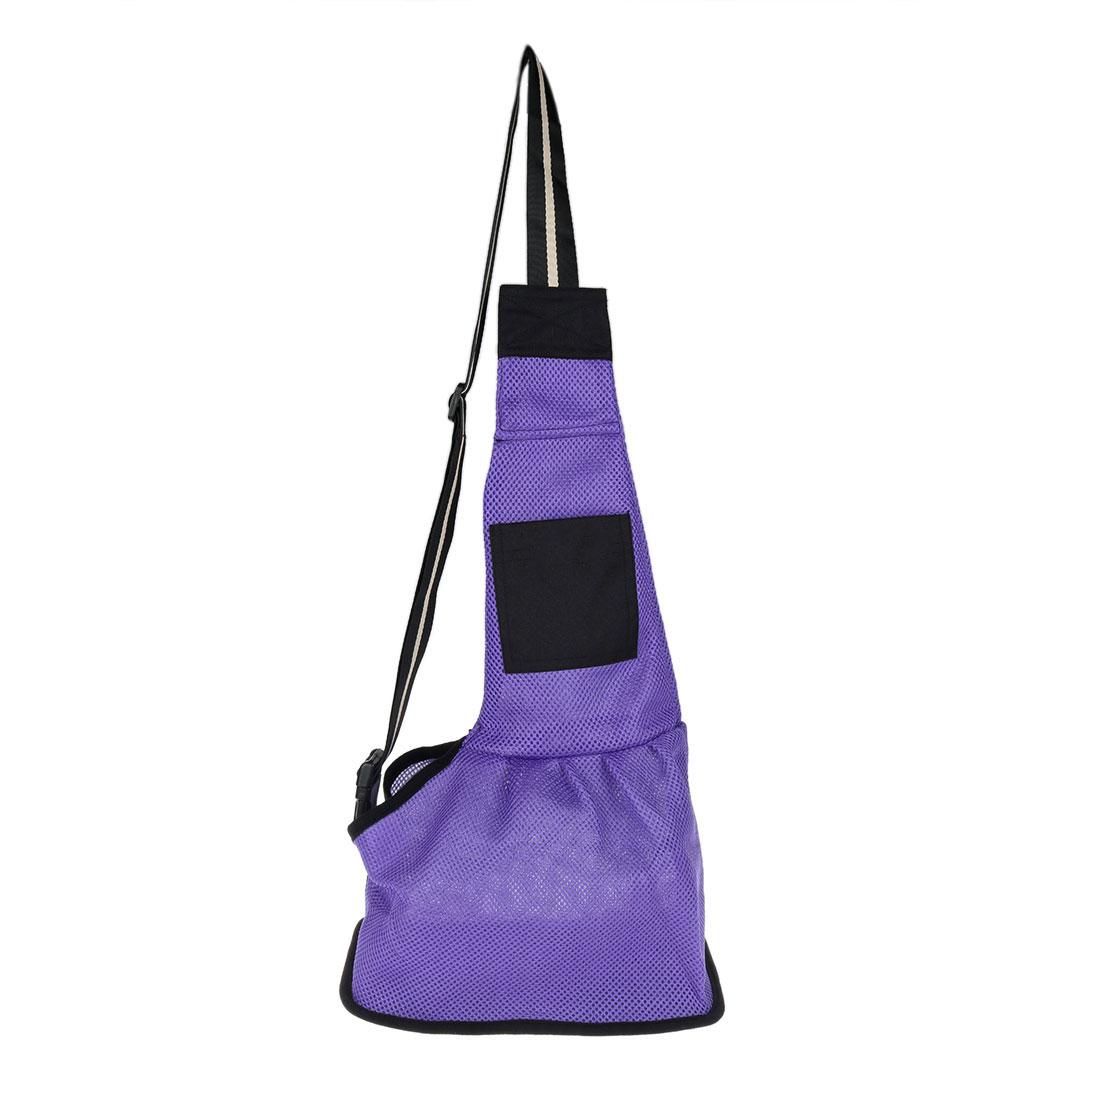 Travel Mesh Cloth Adjustable Single Shoulder Dog Cat Pet Carrier Bag Backpack Tote Purple S